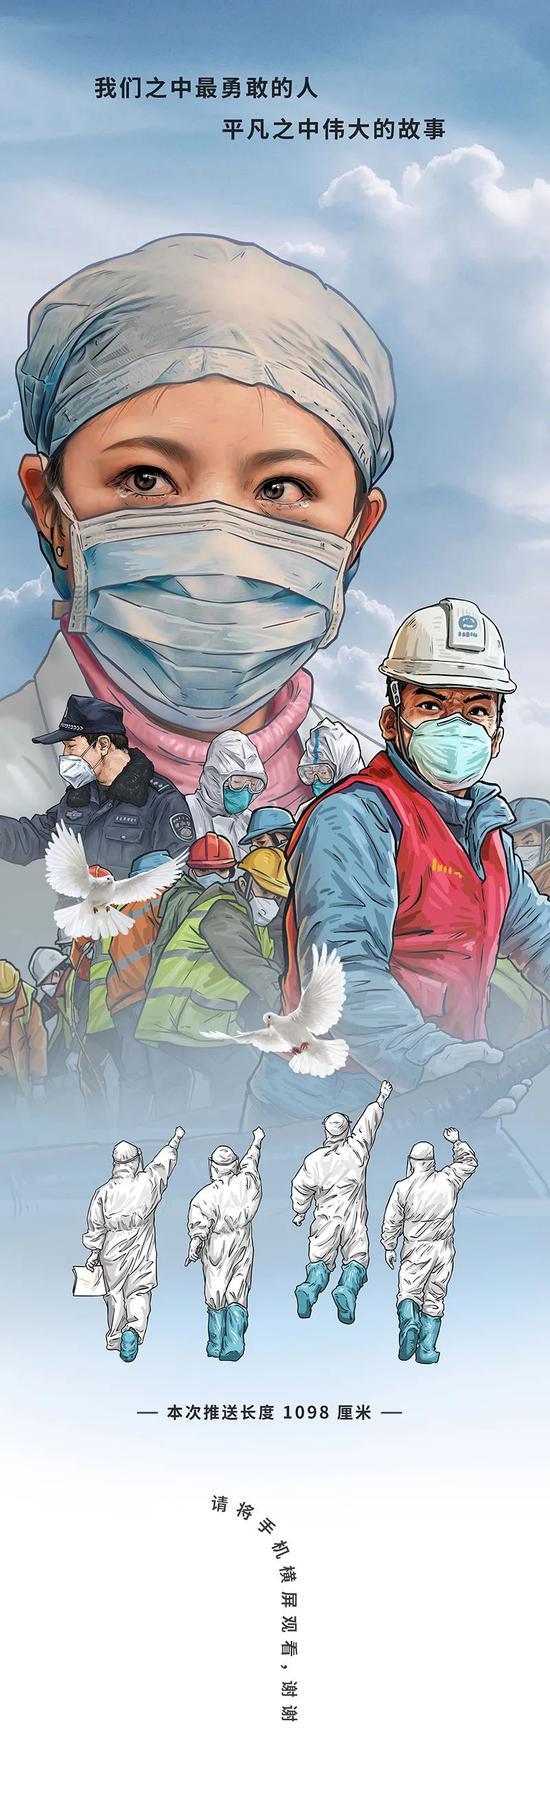 蓝冠:中国蓝冠抗疫图鉴图片